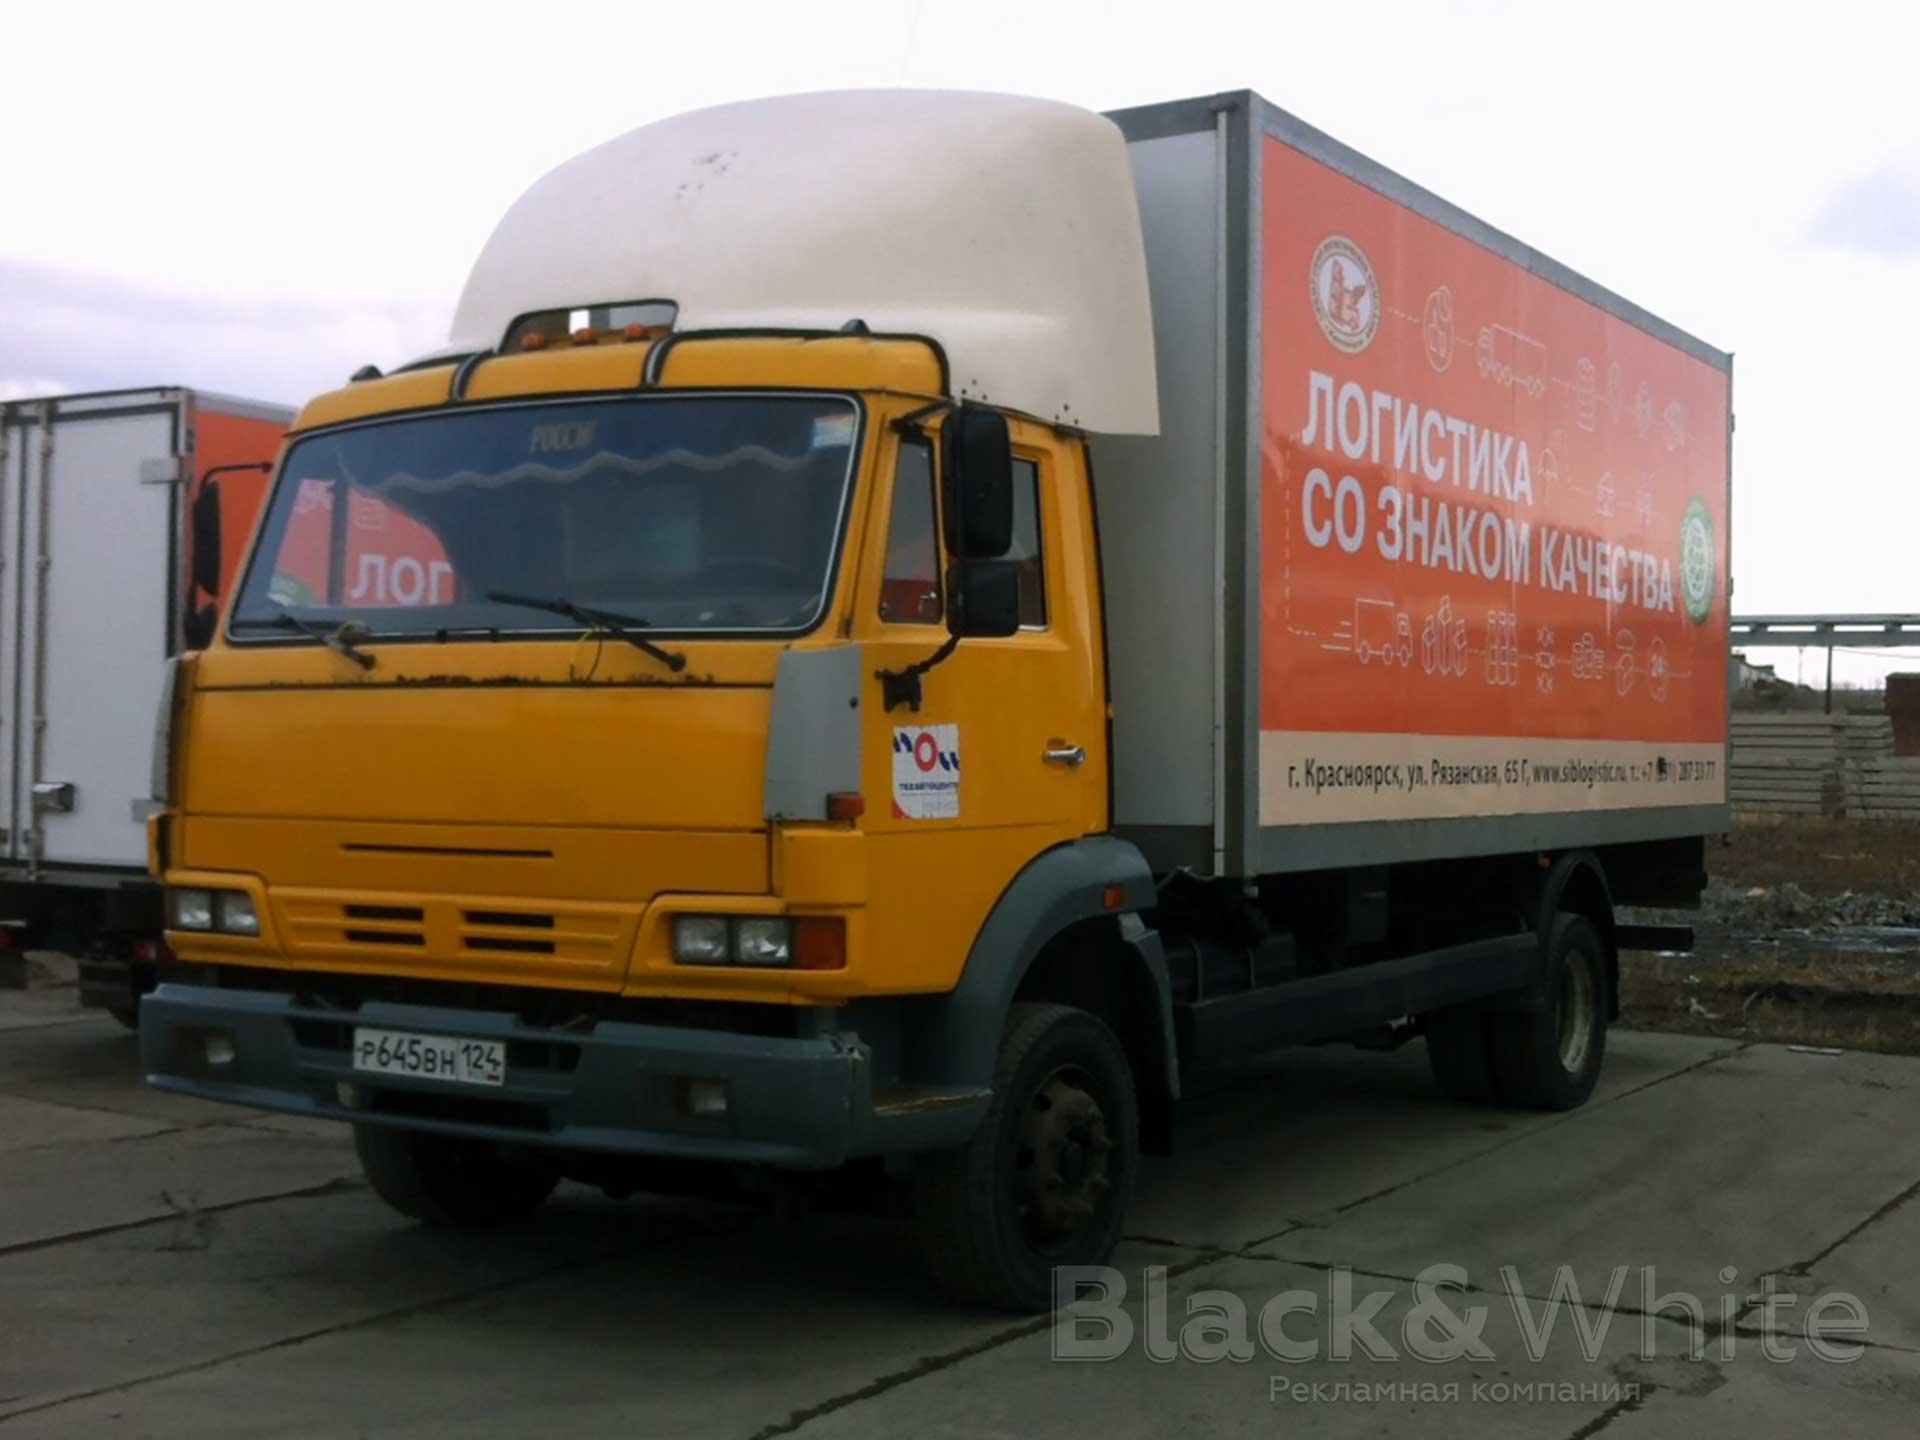 Брендирование-грузовых-автомобилей-виниловой-плёнкой-в-красноярске-Black&White...jpg